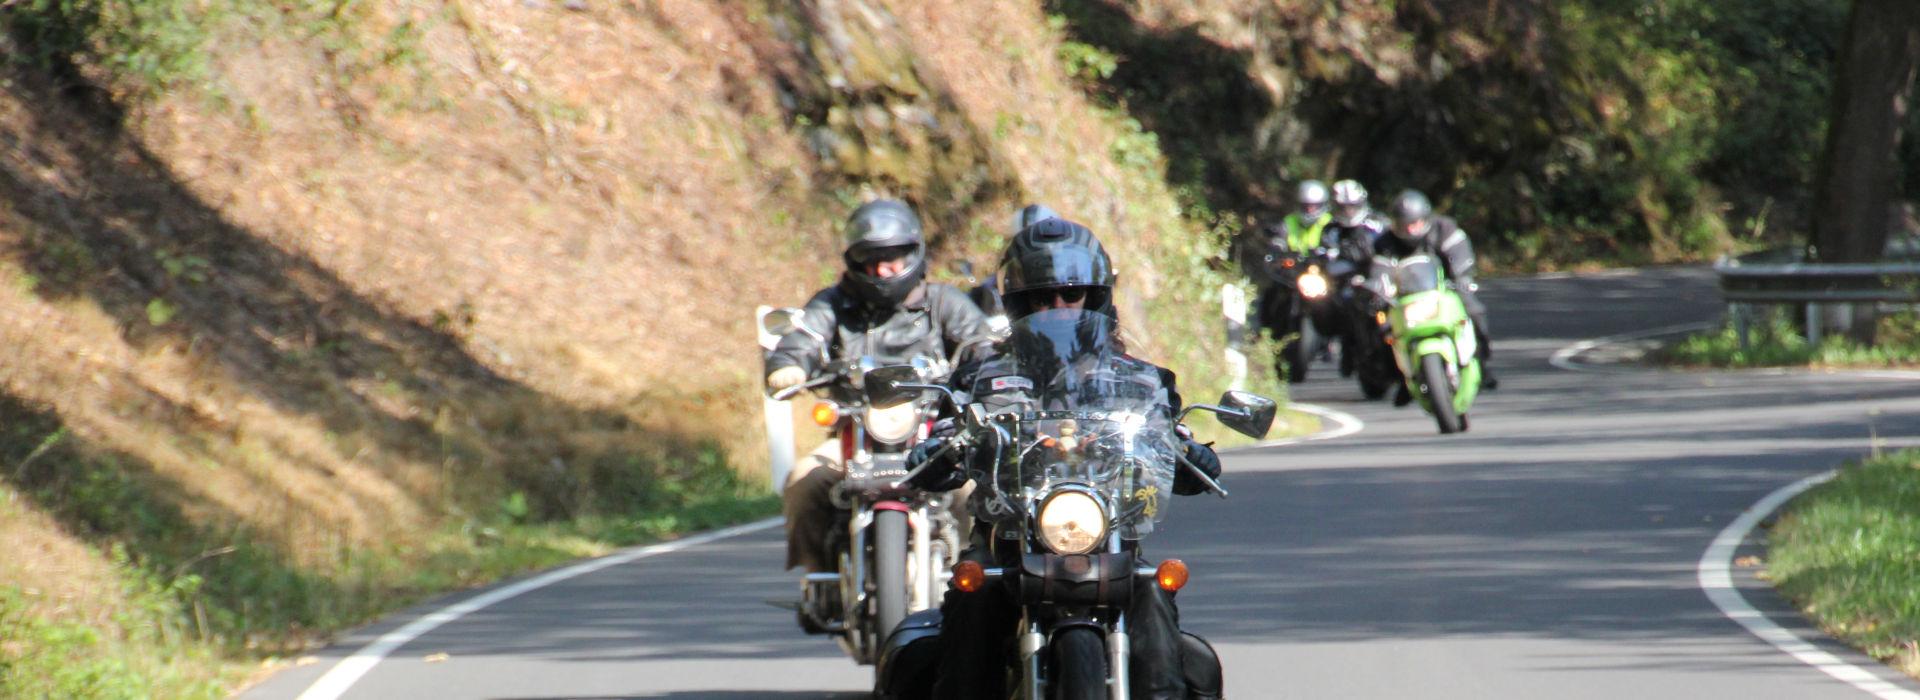 Motorrijbewijspoint Meteren motorrijlessen